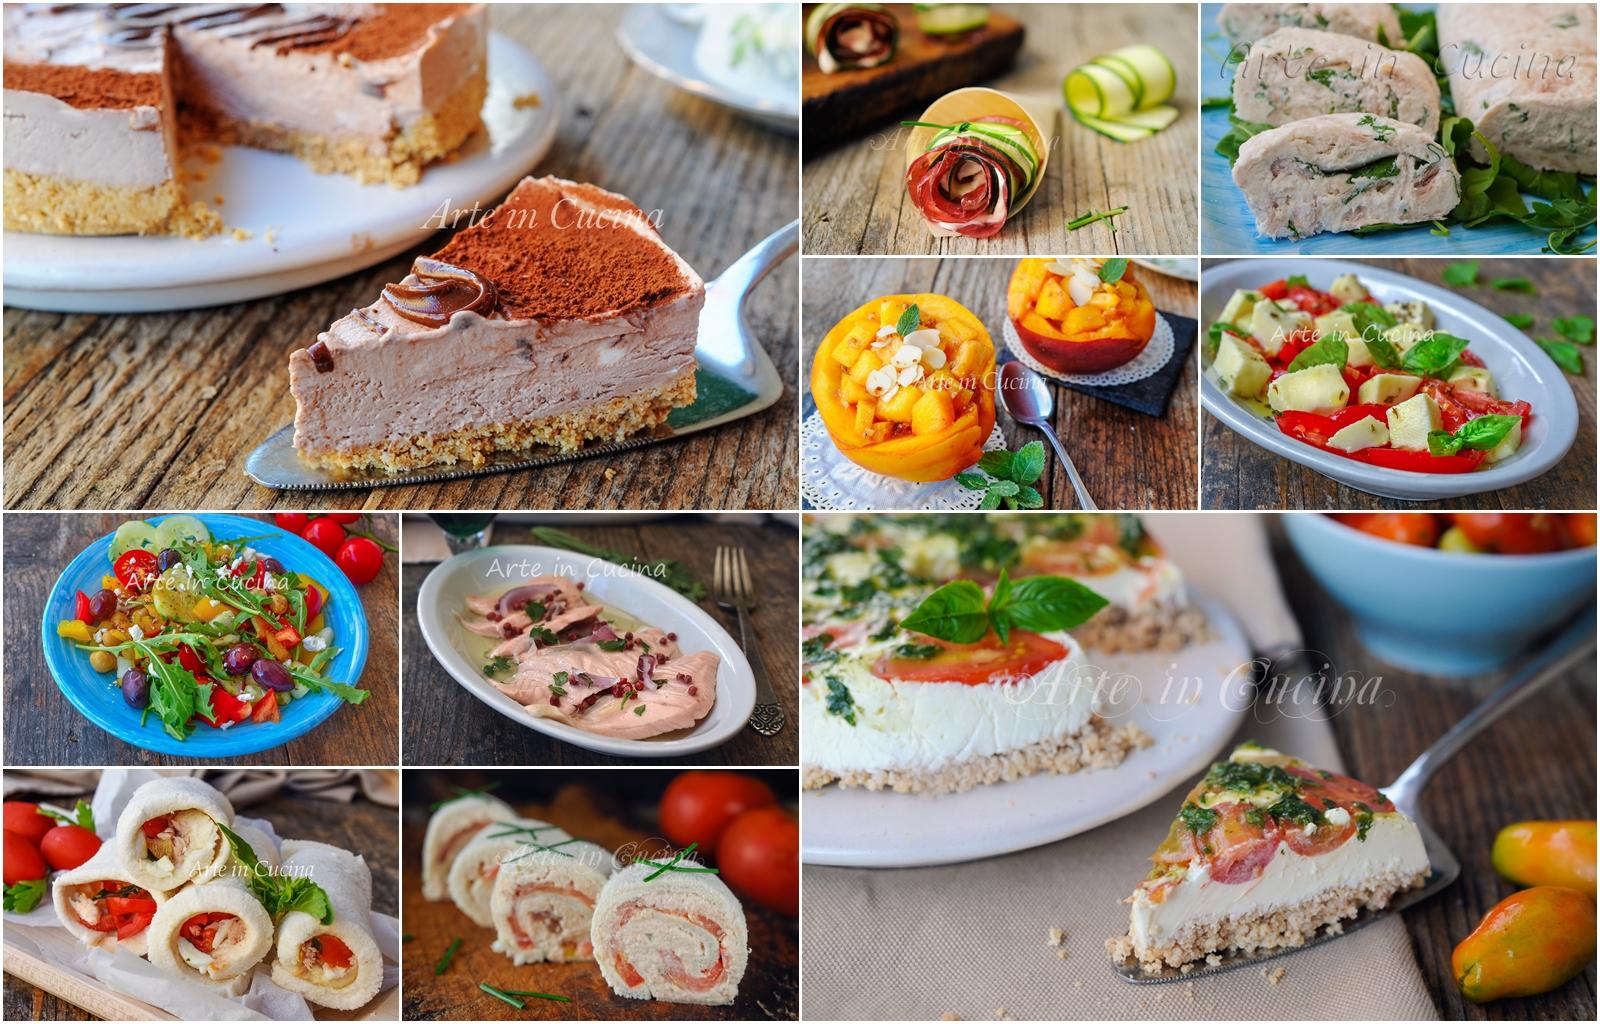 Cosa Cucinare Ad Agosto menu senza cottura ricette fredde per non cucinare anche light